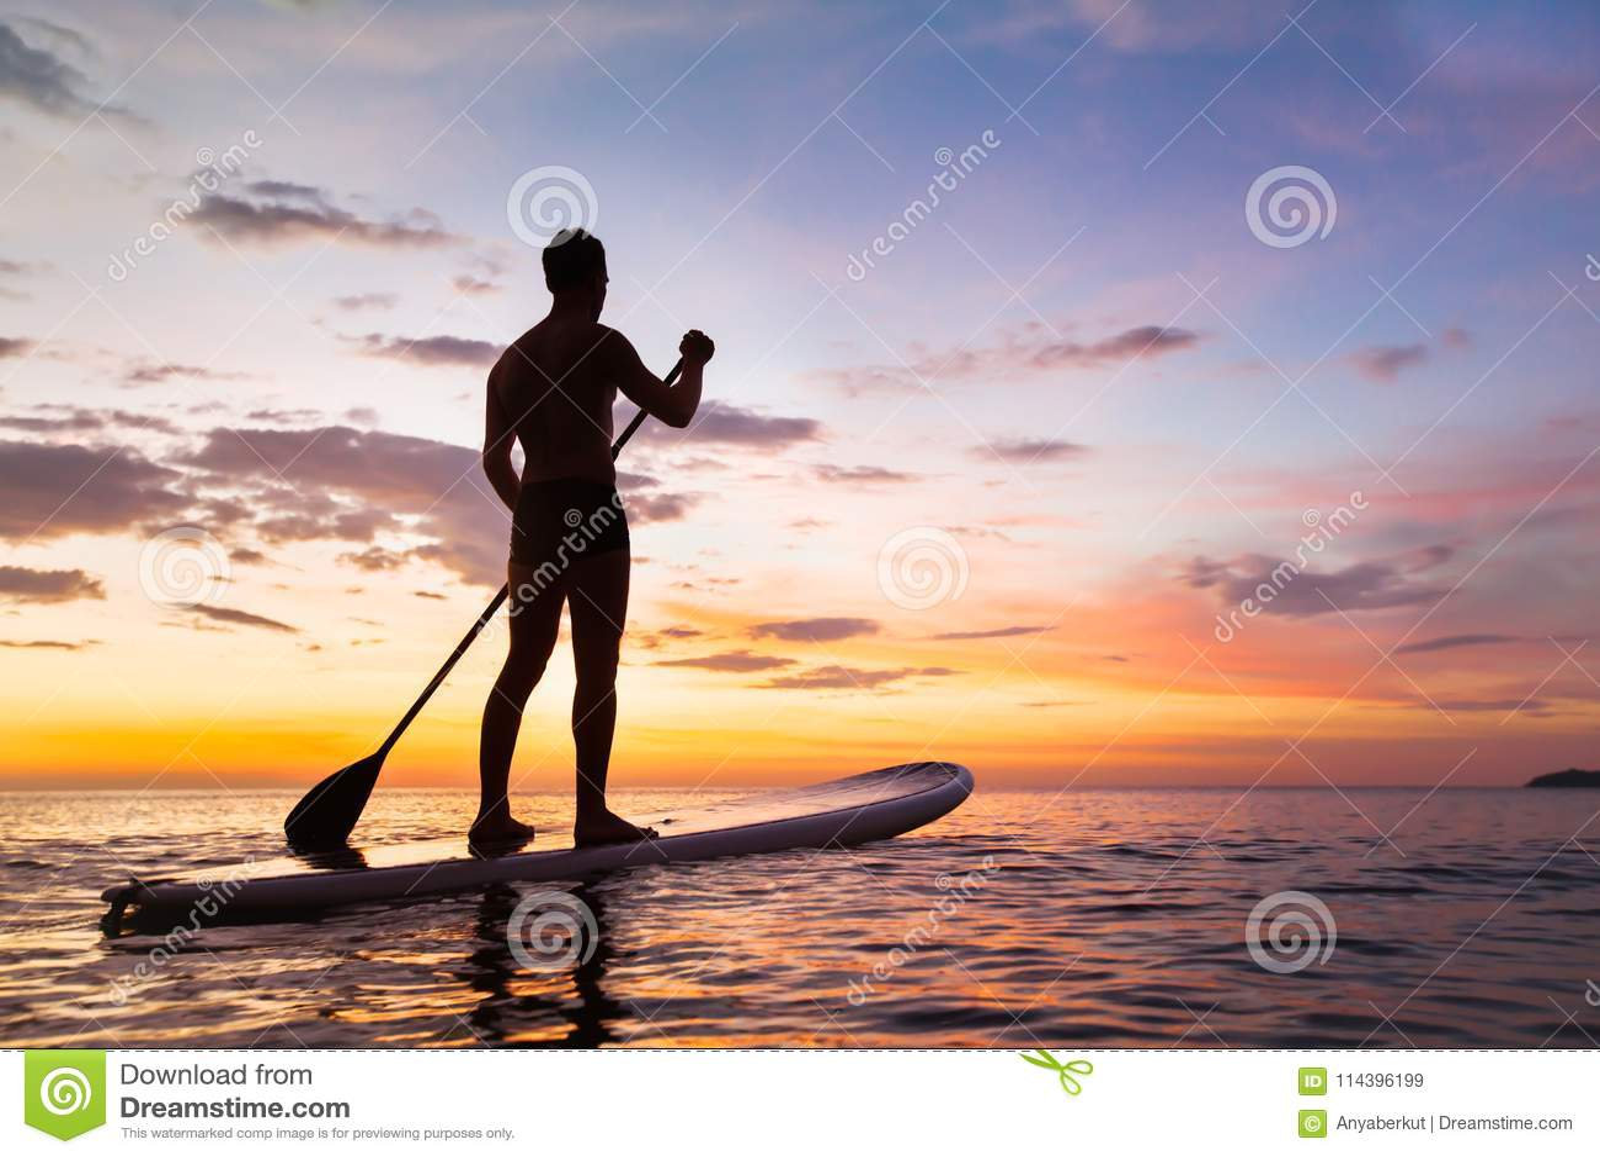 Paddleboard στην παραλία στο ηλιοβασίλεμα, ΓΟΥΛΙΑ, δραστηριότητα ελεύθερου χρόνου